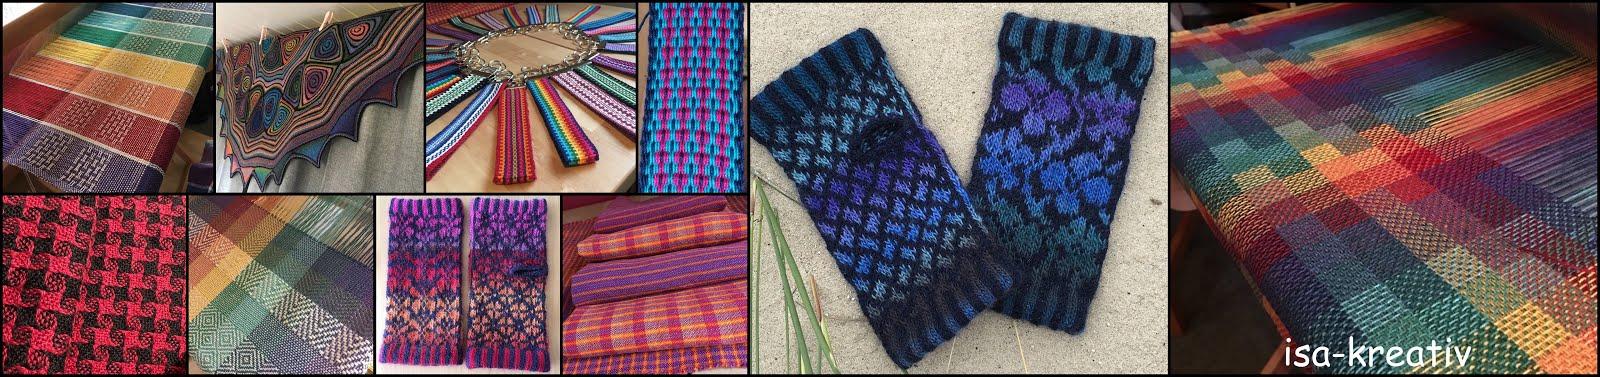 Glasperlen handgefertigt - stricken/häkeln/weben - Handwerk und anderes